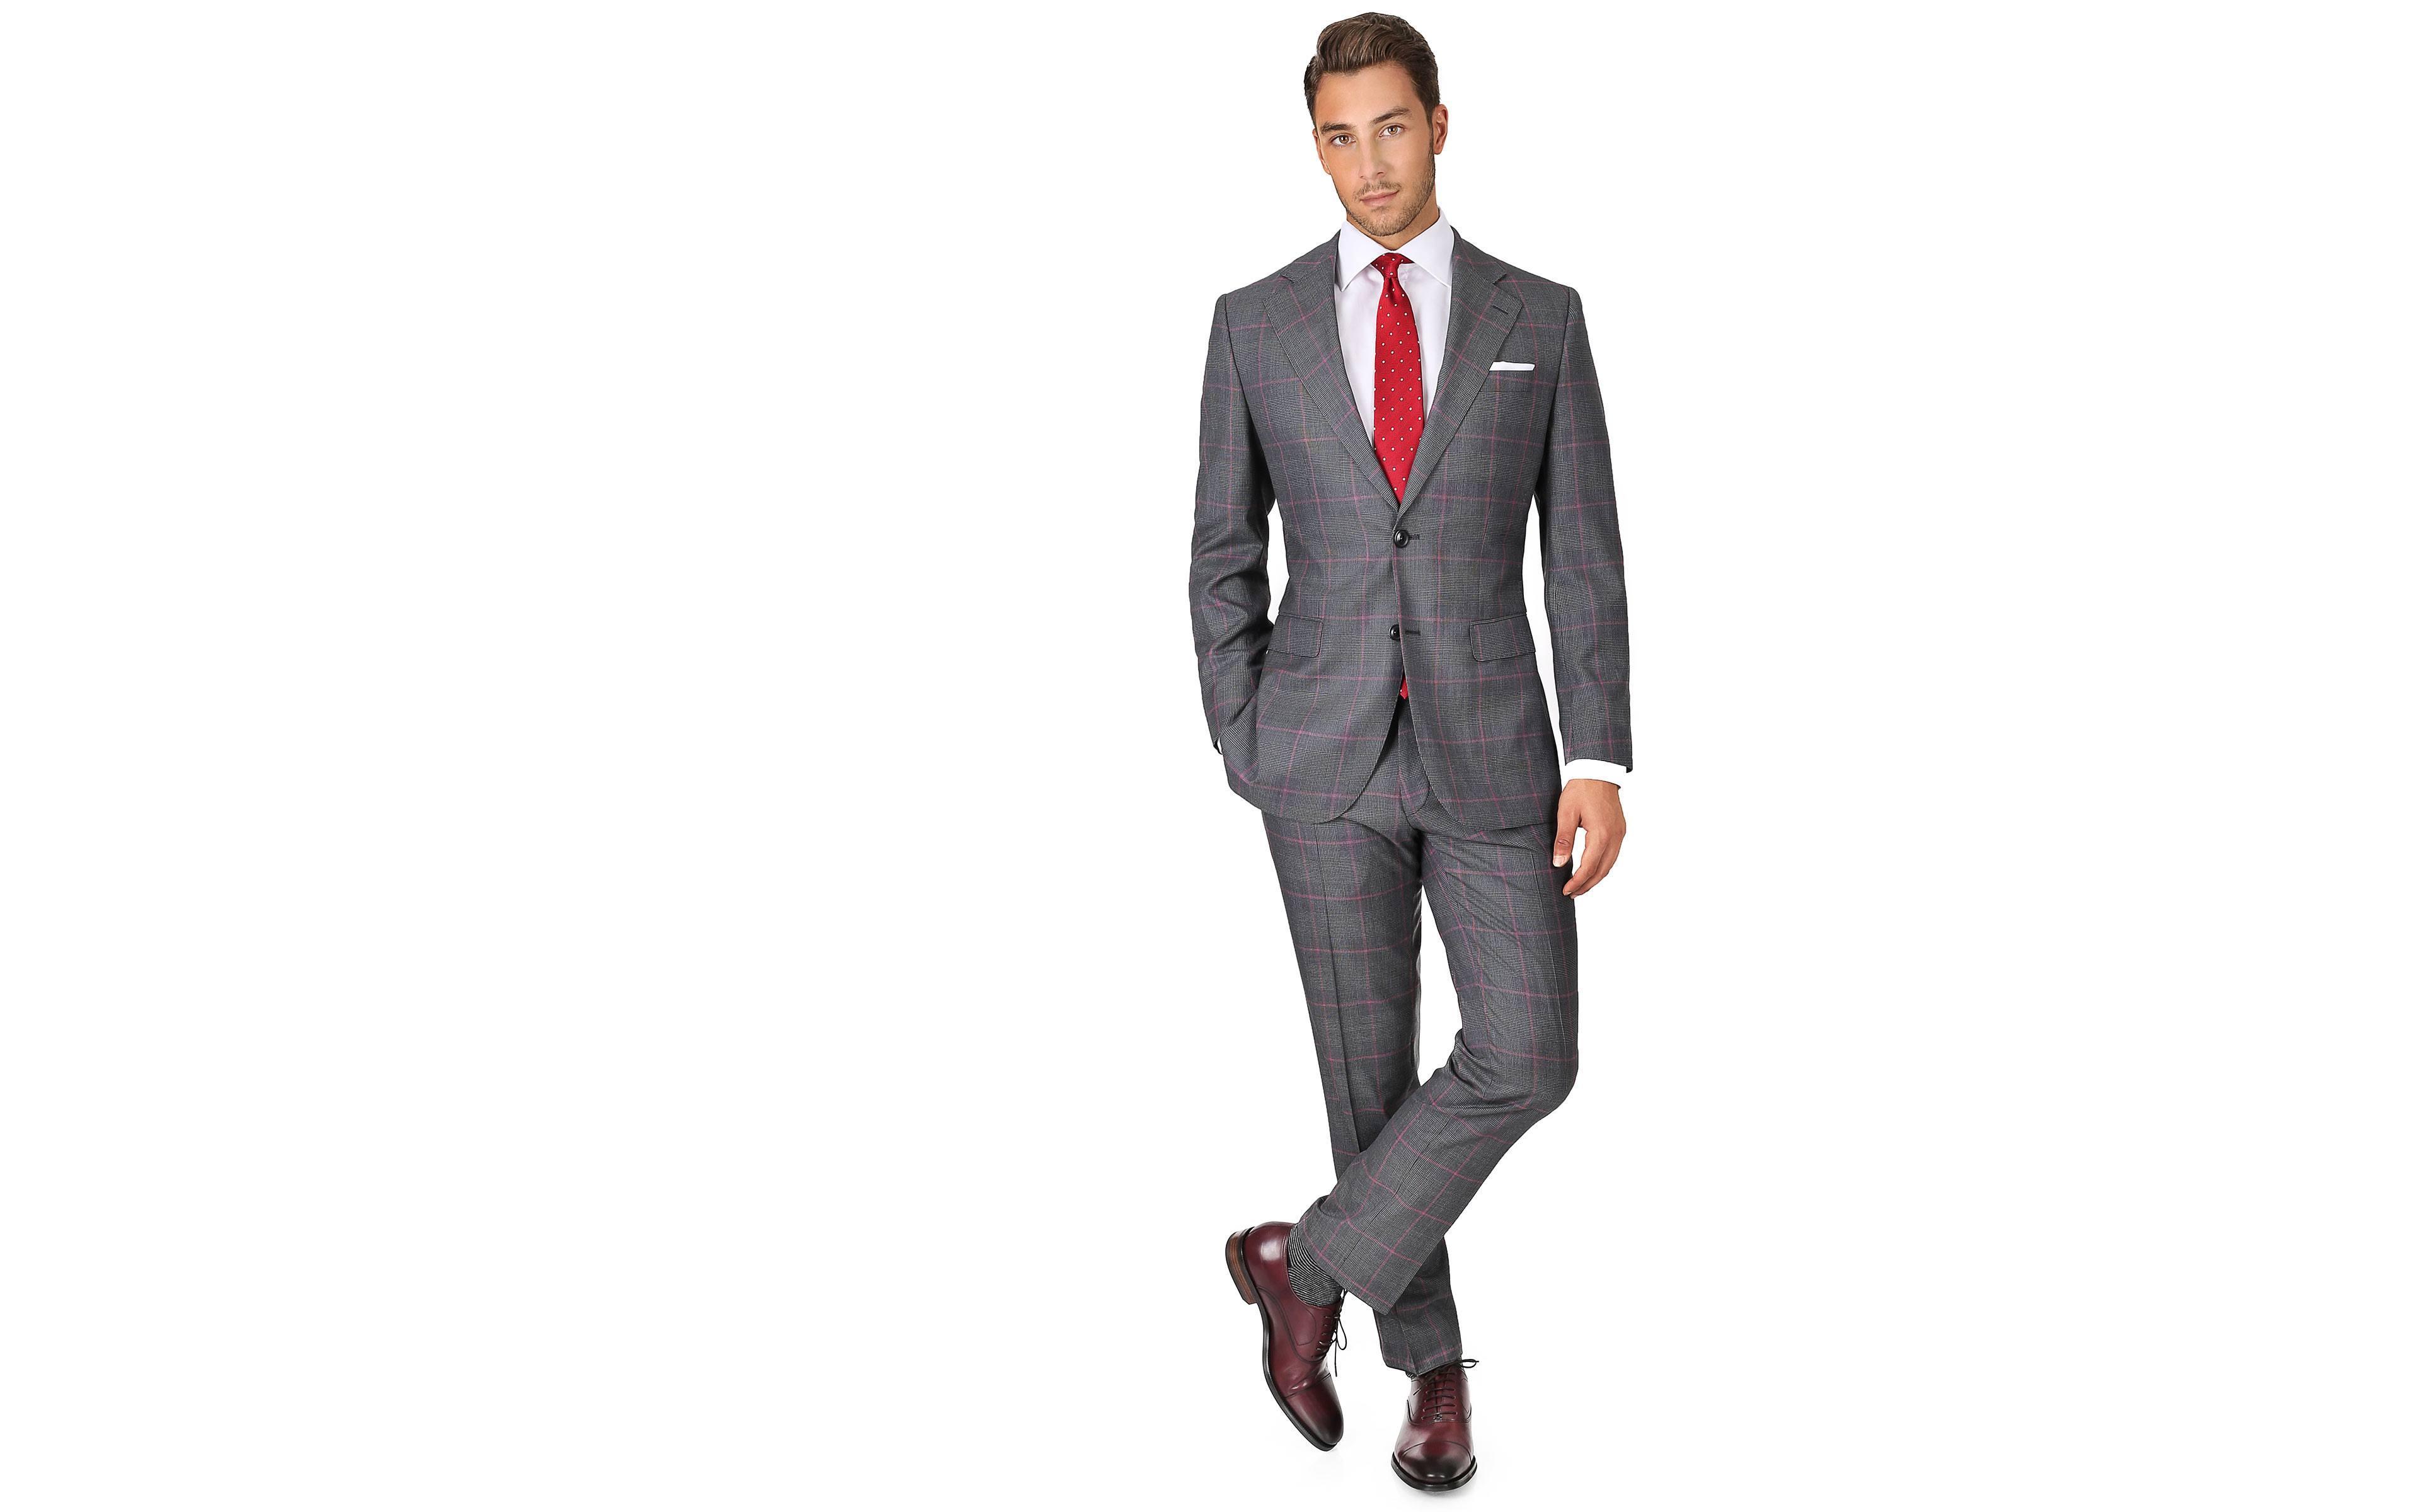 Vendetta Premium Grey & Coral Plaid Suit